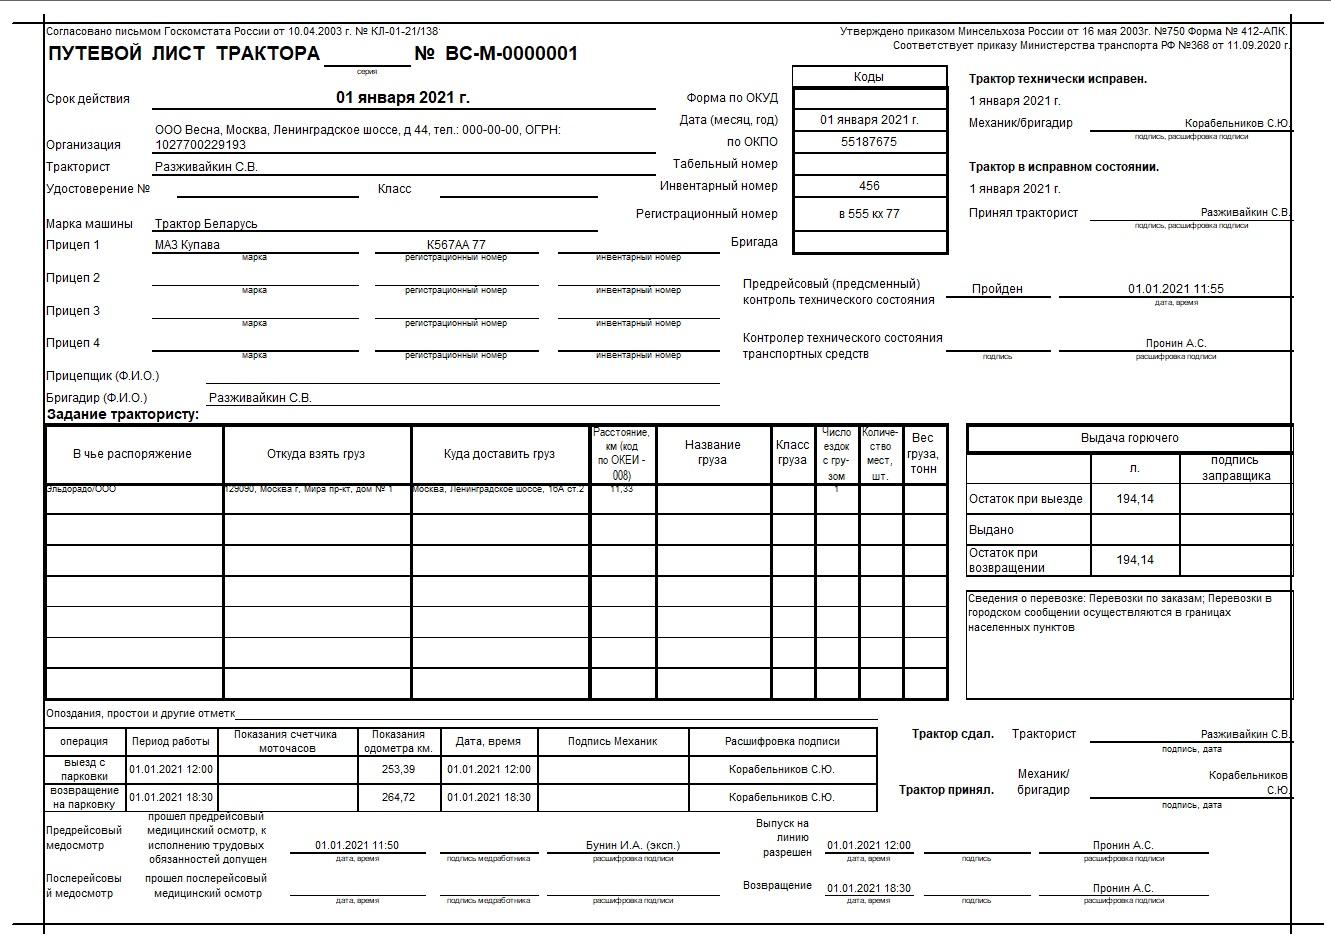 Путевой лист трактора (форма 412-АПК) форма 2021 года.